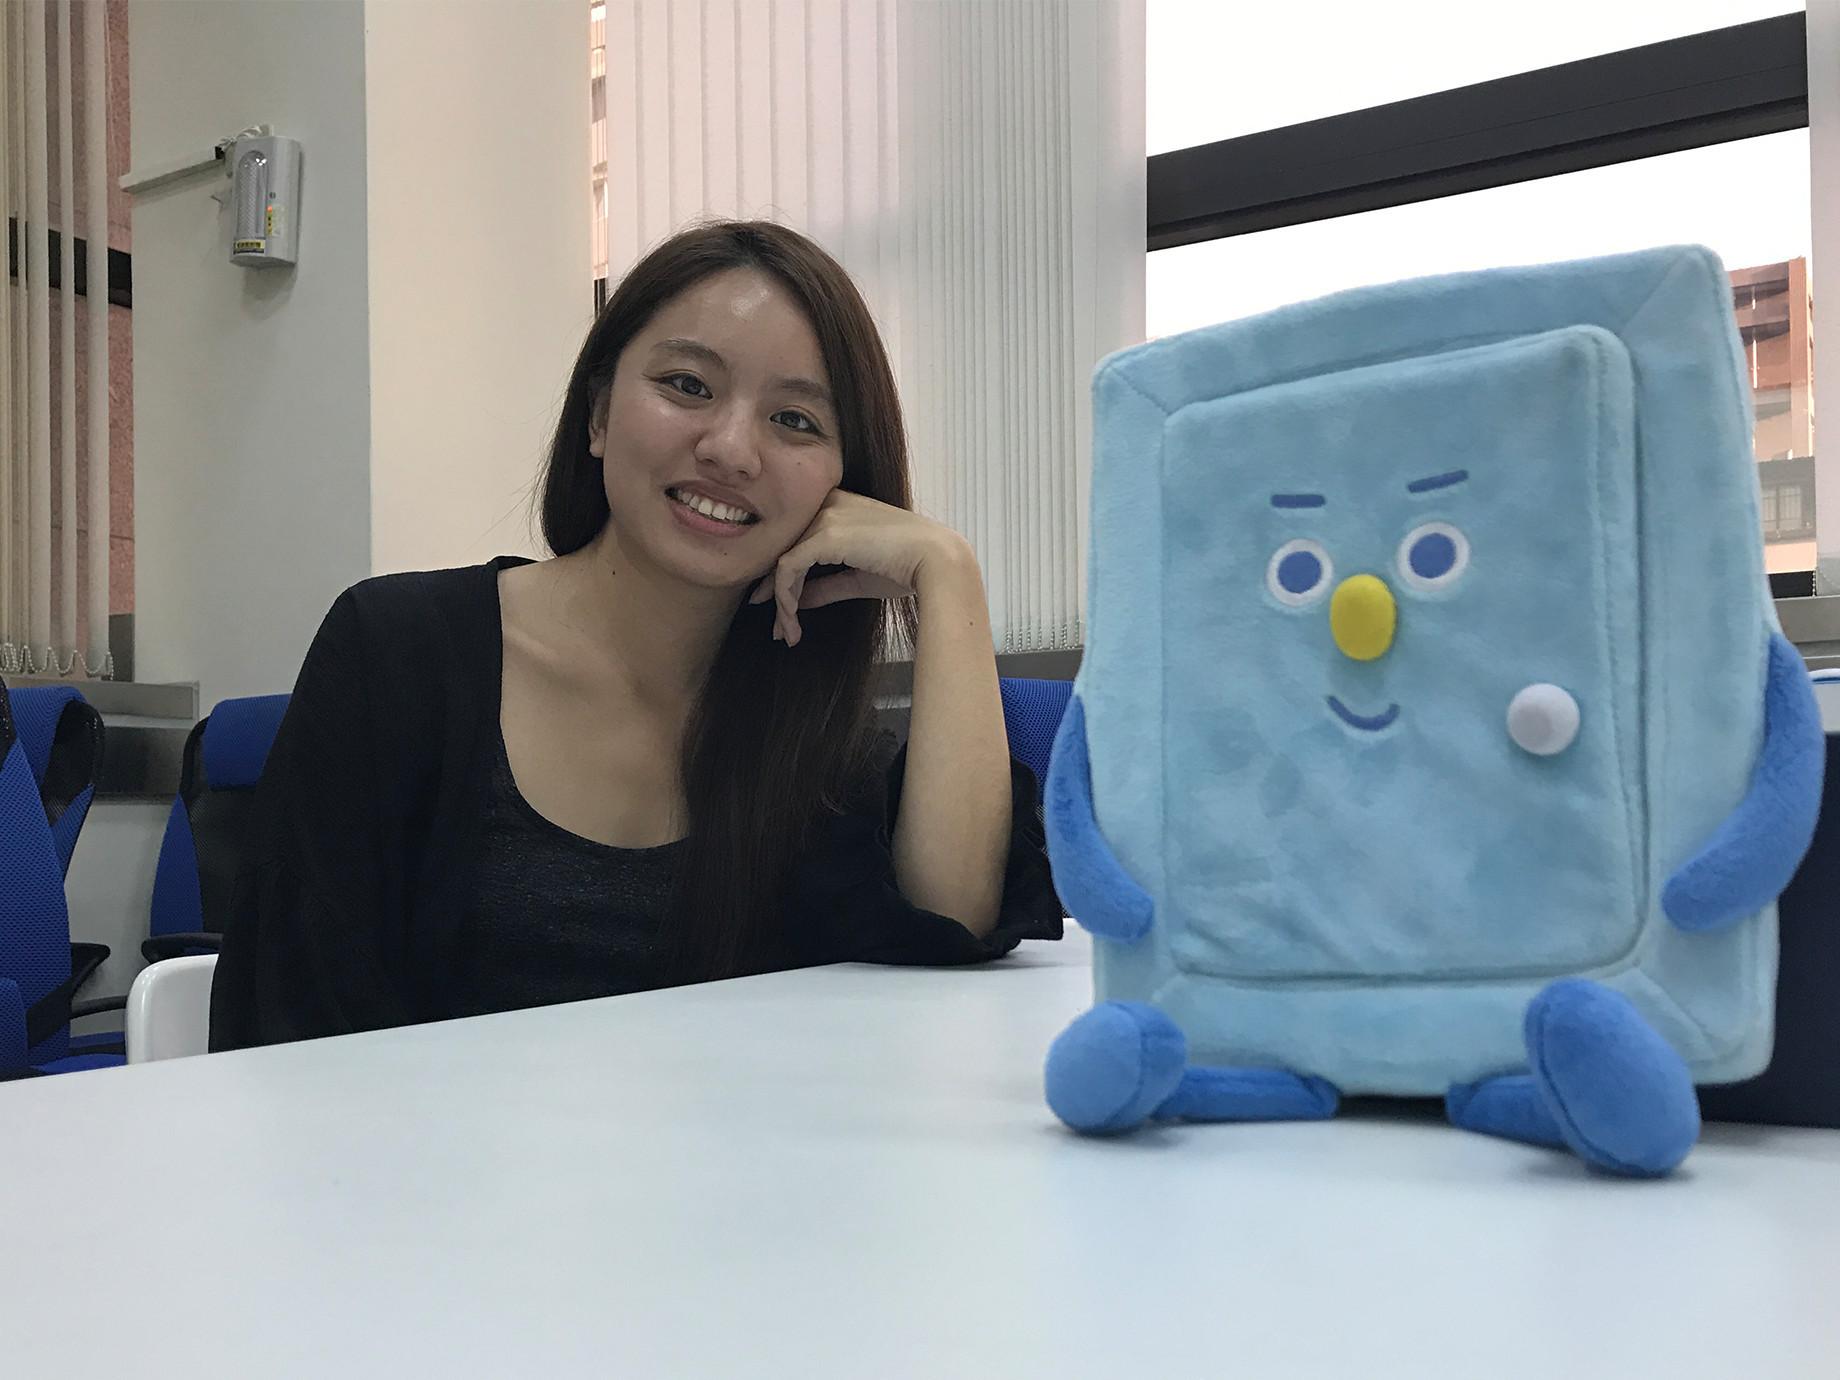 工作分享》劉昉(Accupass市場開發專員):結合「做中學」,從網路工作找自己